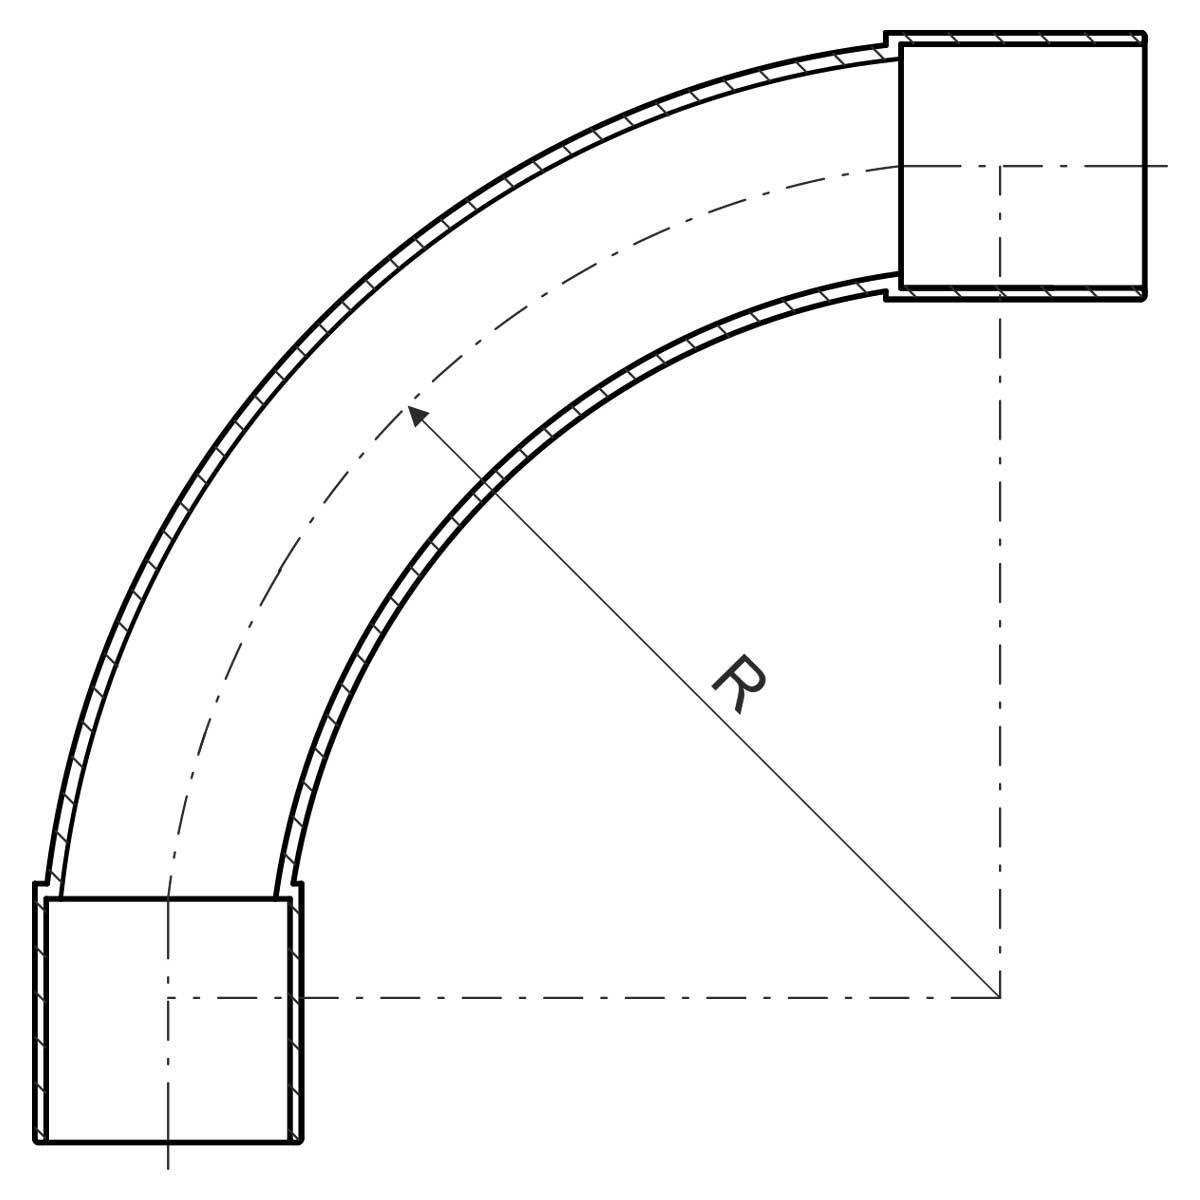 Коліно для труби 16 мм; Ø16мм; ПВХ; t застосування -25+60 °с; чорне;